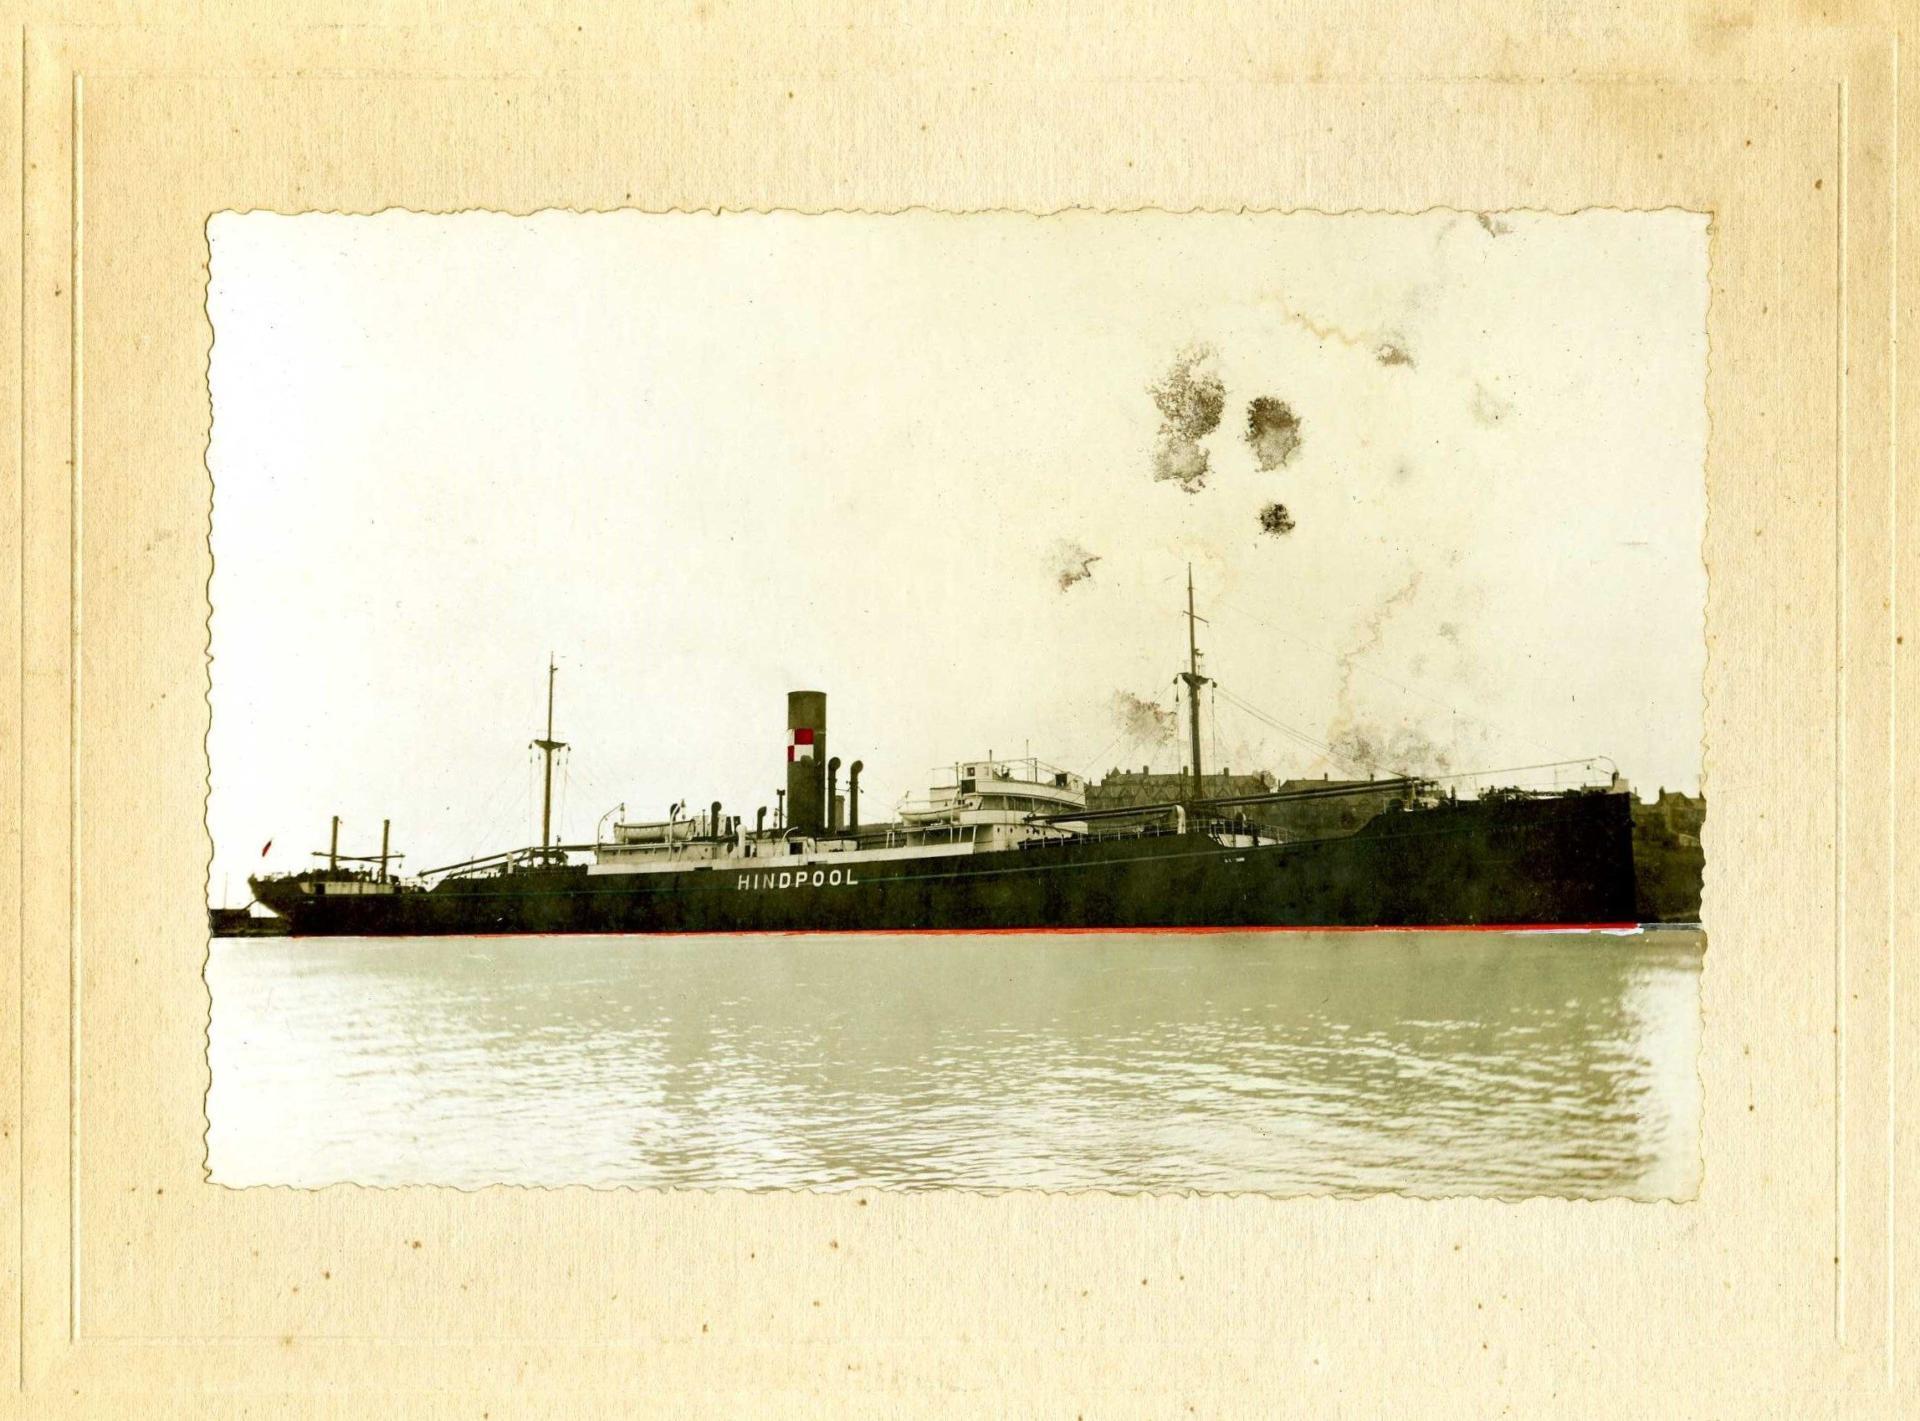 Hindpool Ship